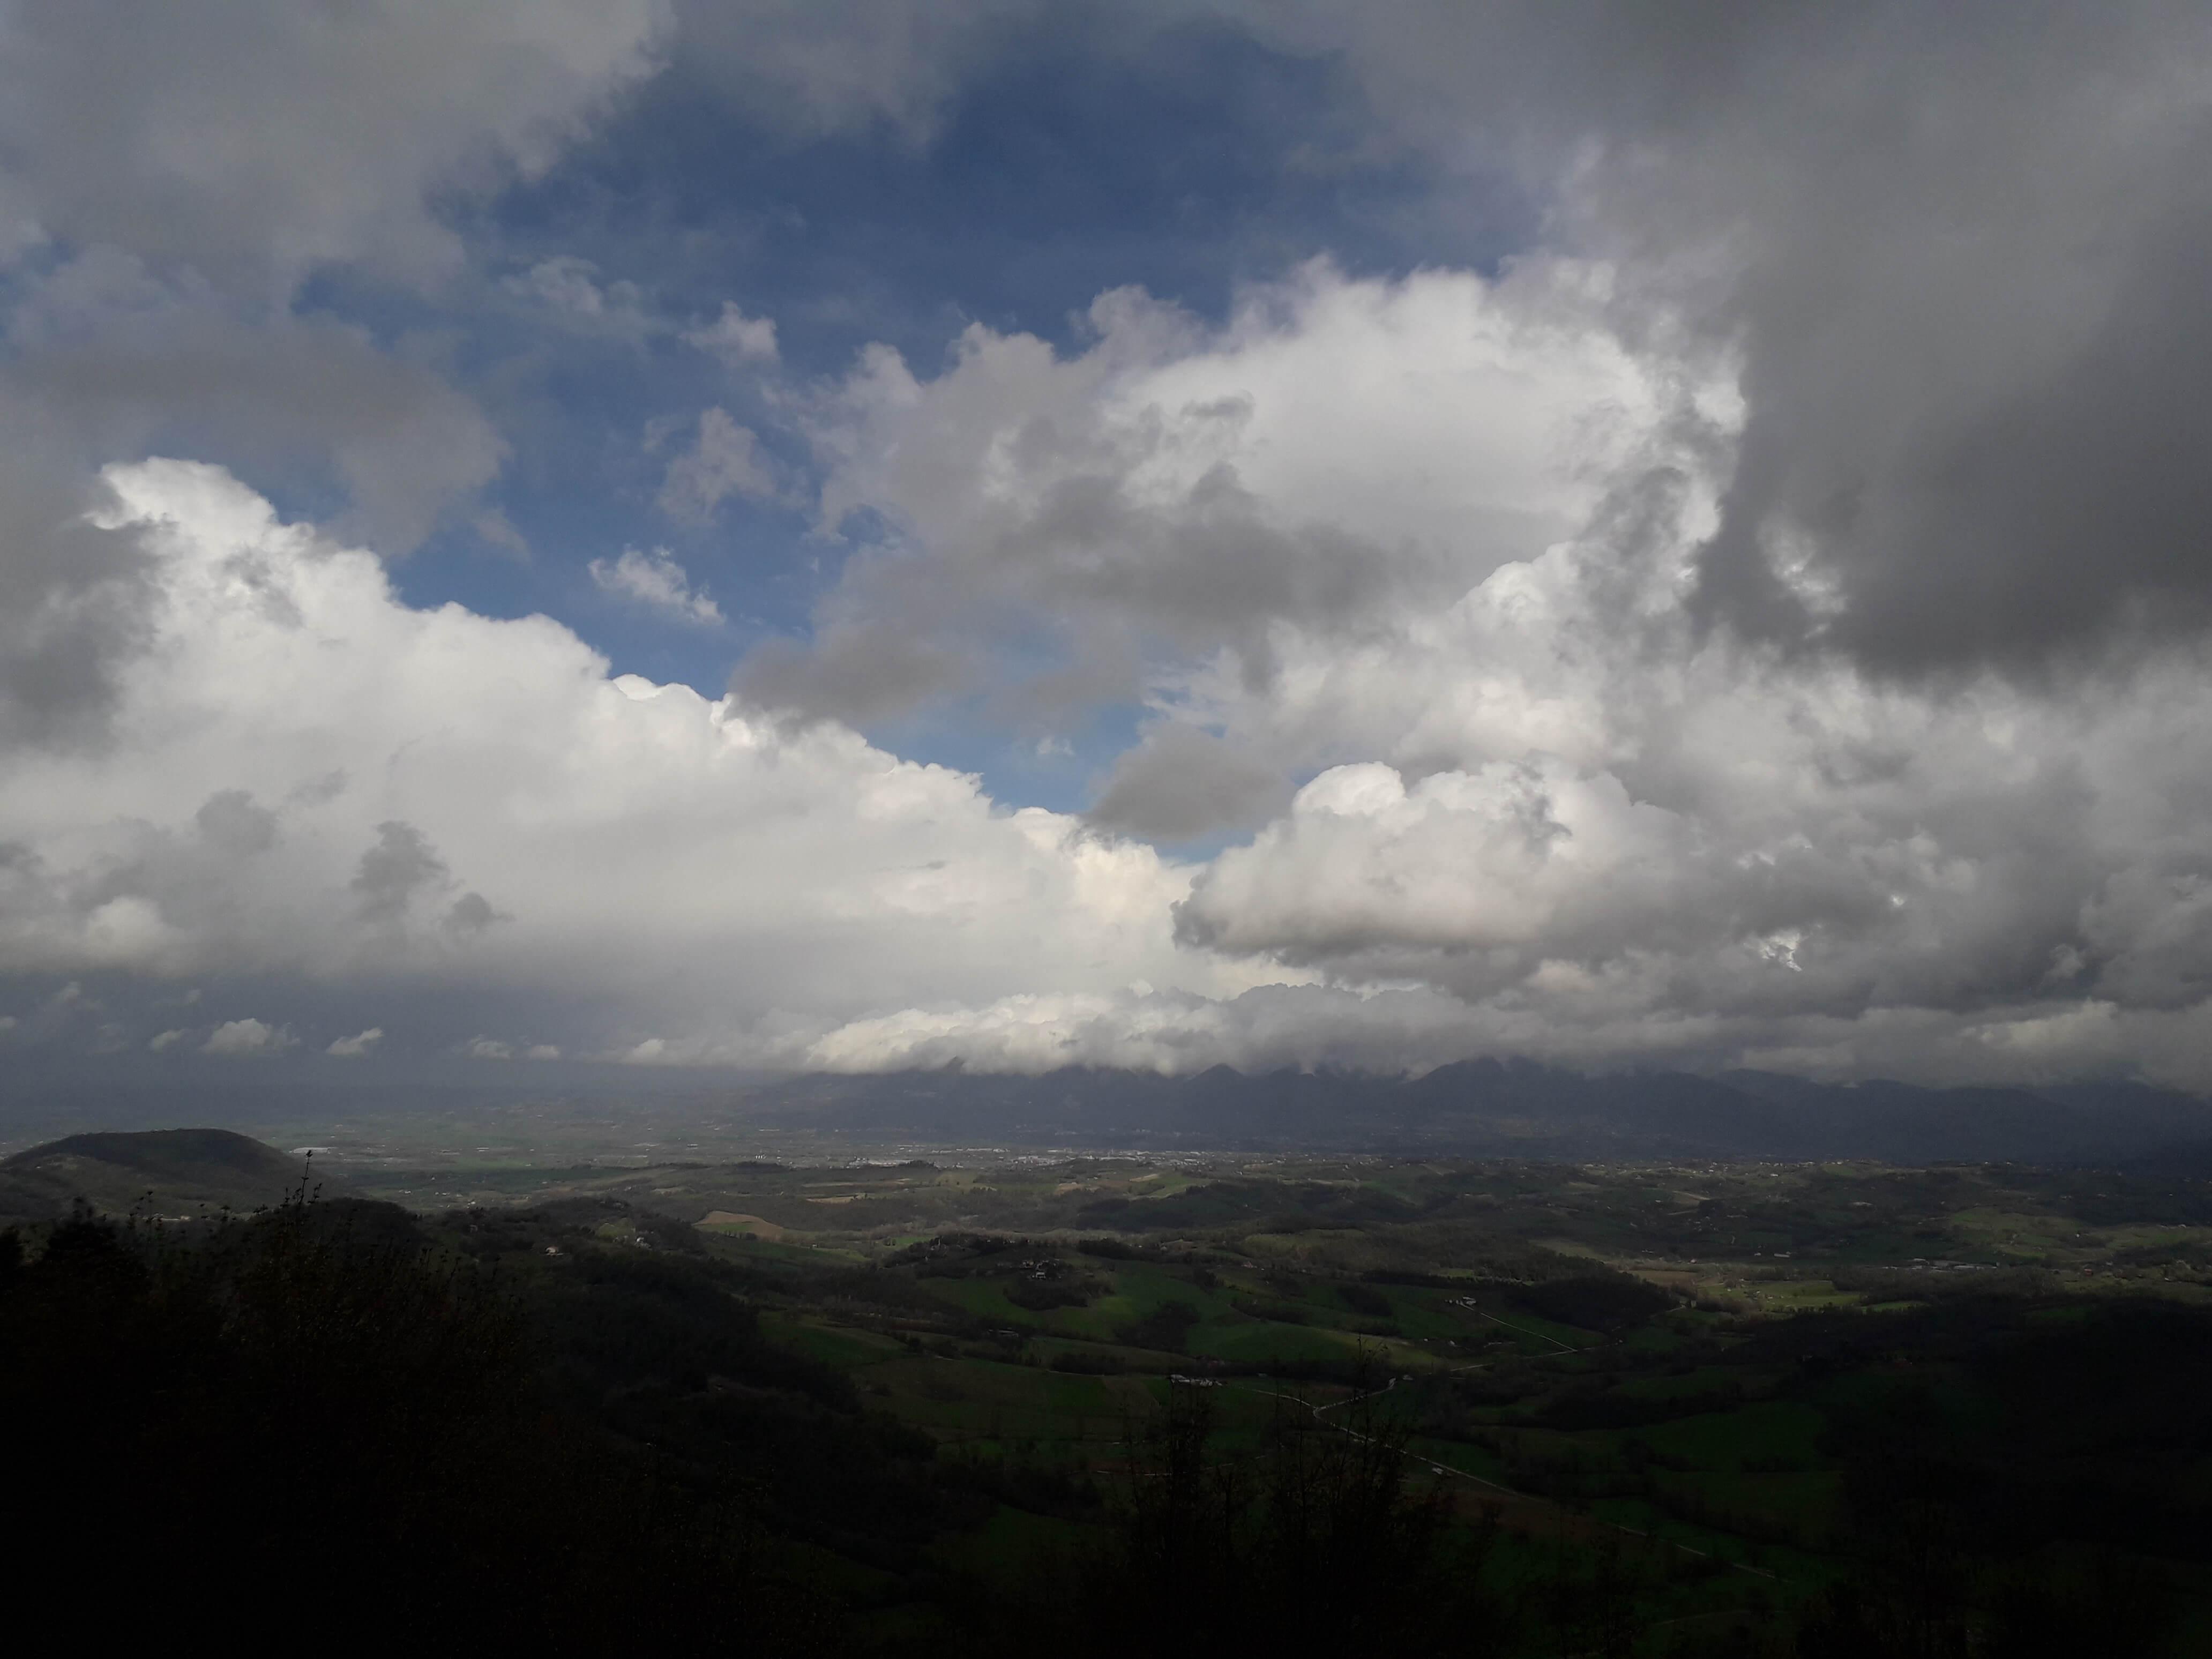 Bergzüge im Vorder- und Hintergrund schließen ein mit dunklen Wolken behangenes Tal ein.